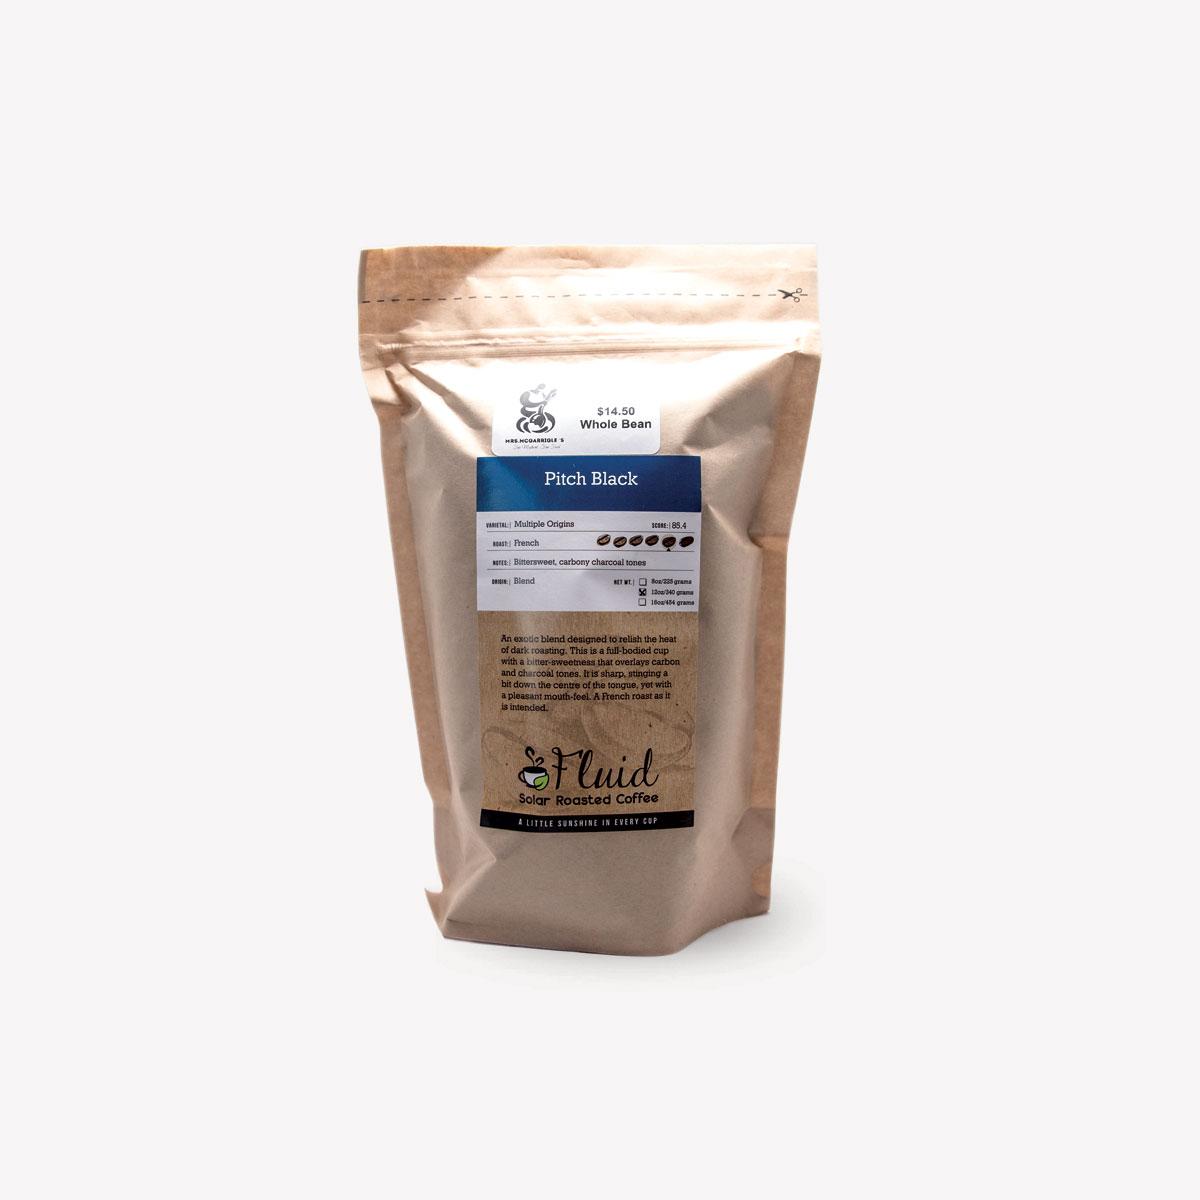 Fluid Solar Roasted Coffee Pitch Black Coffee